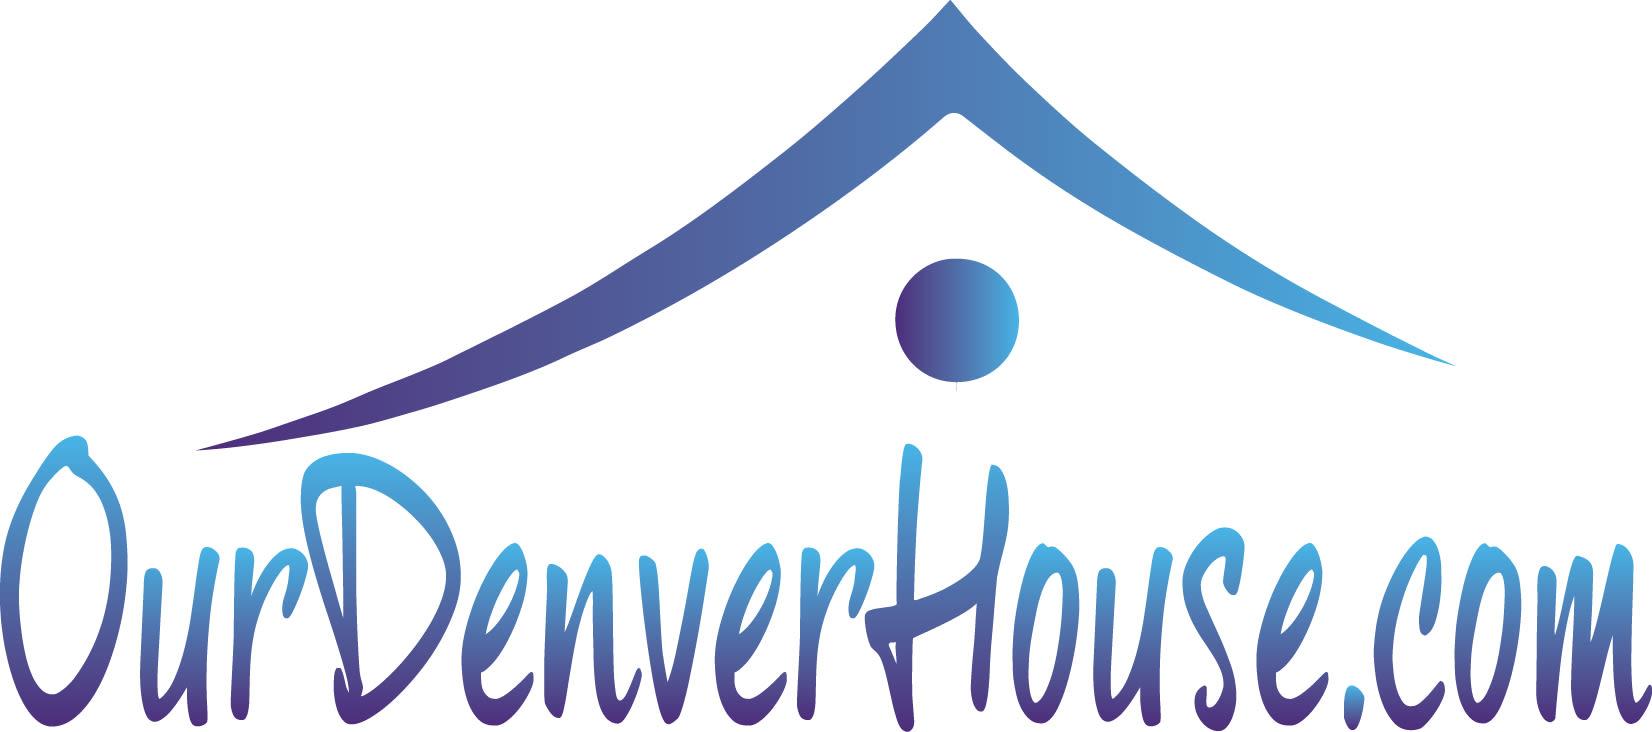 OurDenverHouse.com